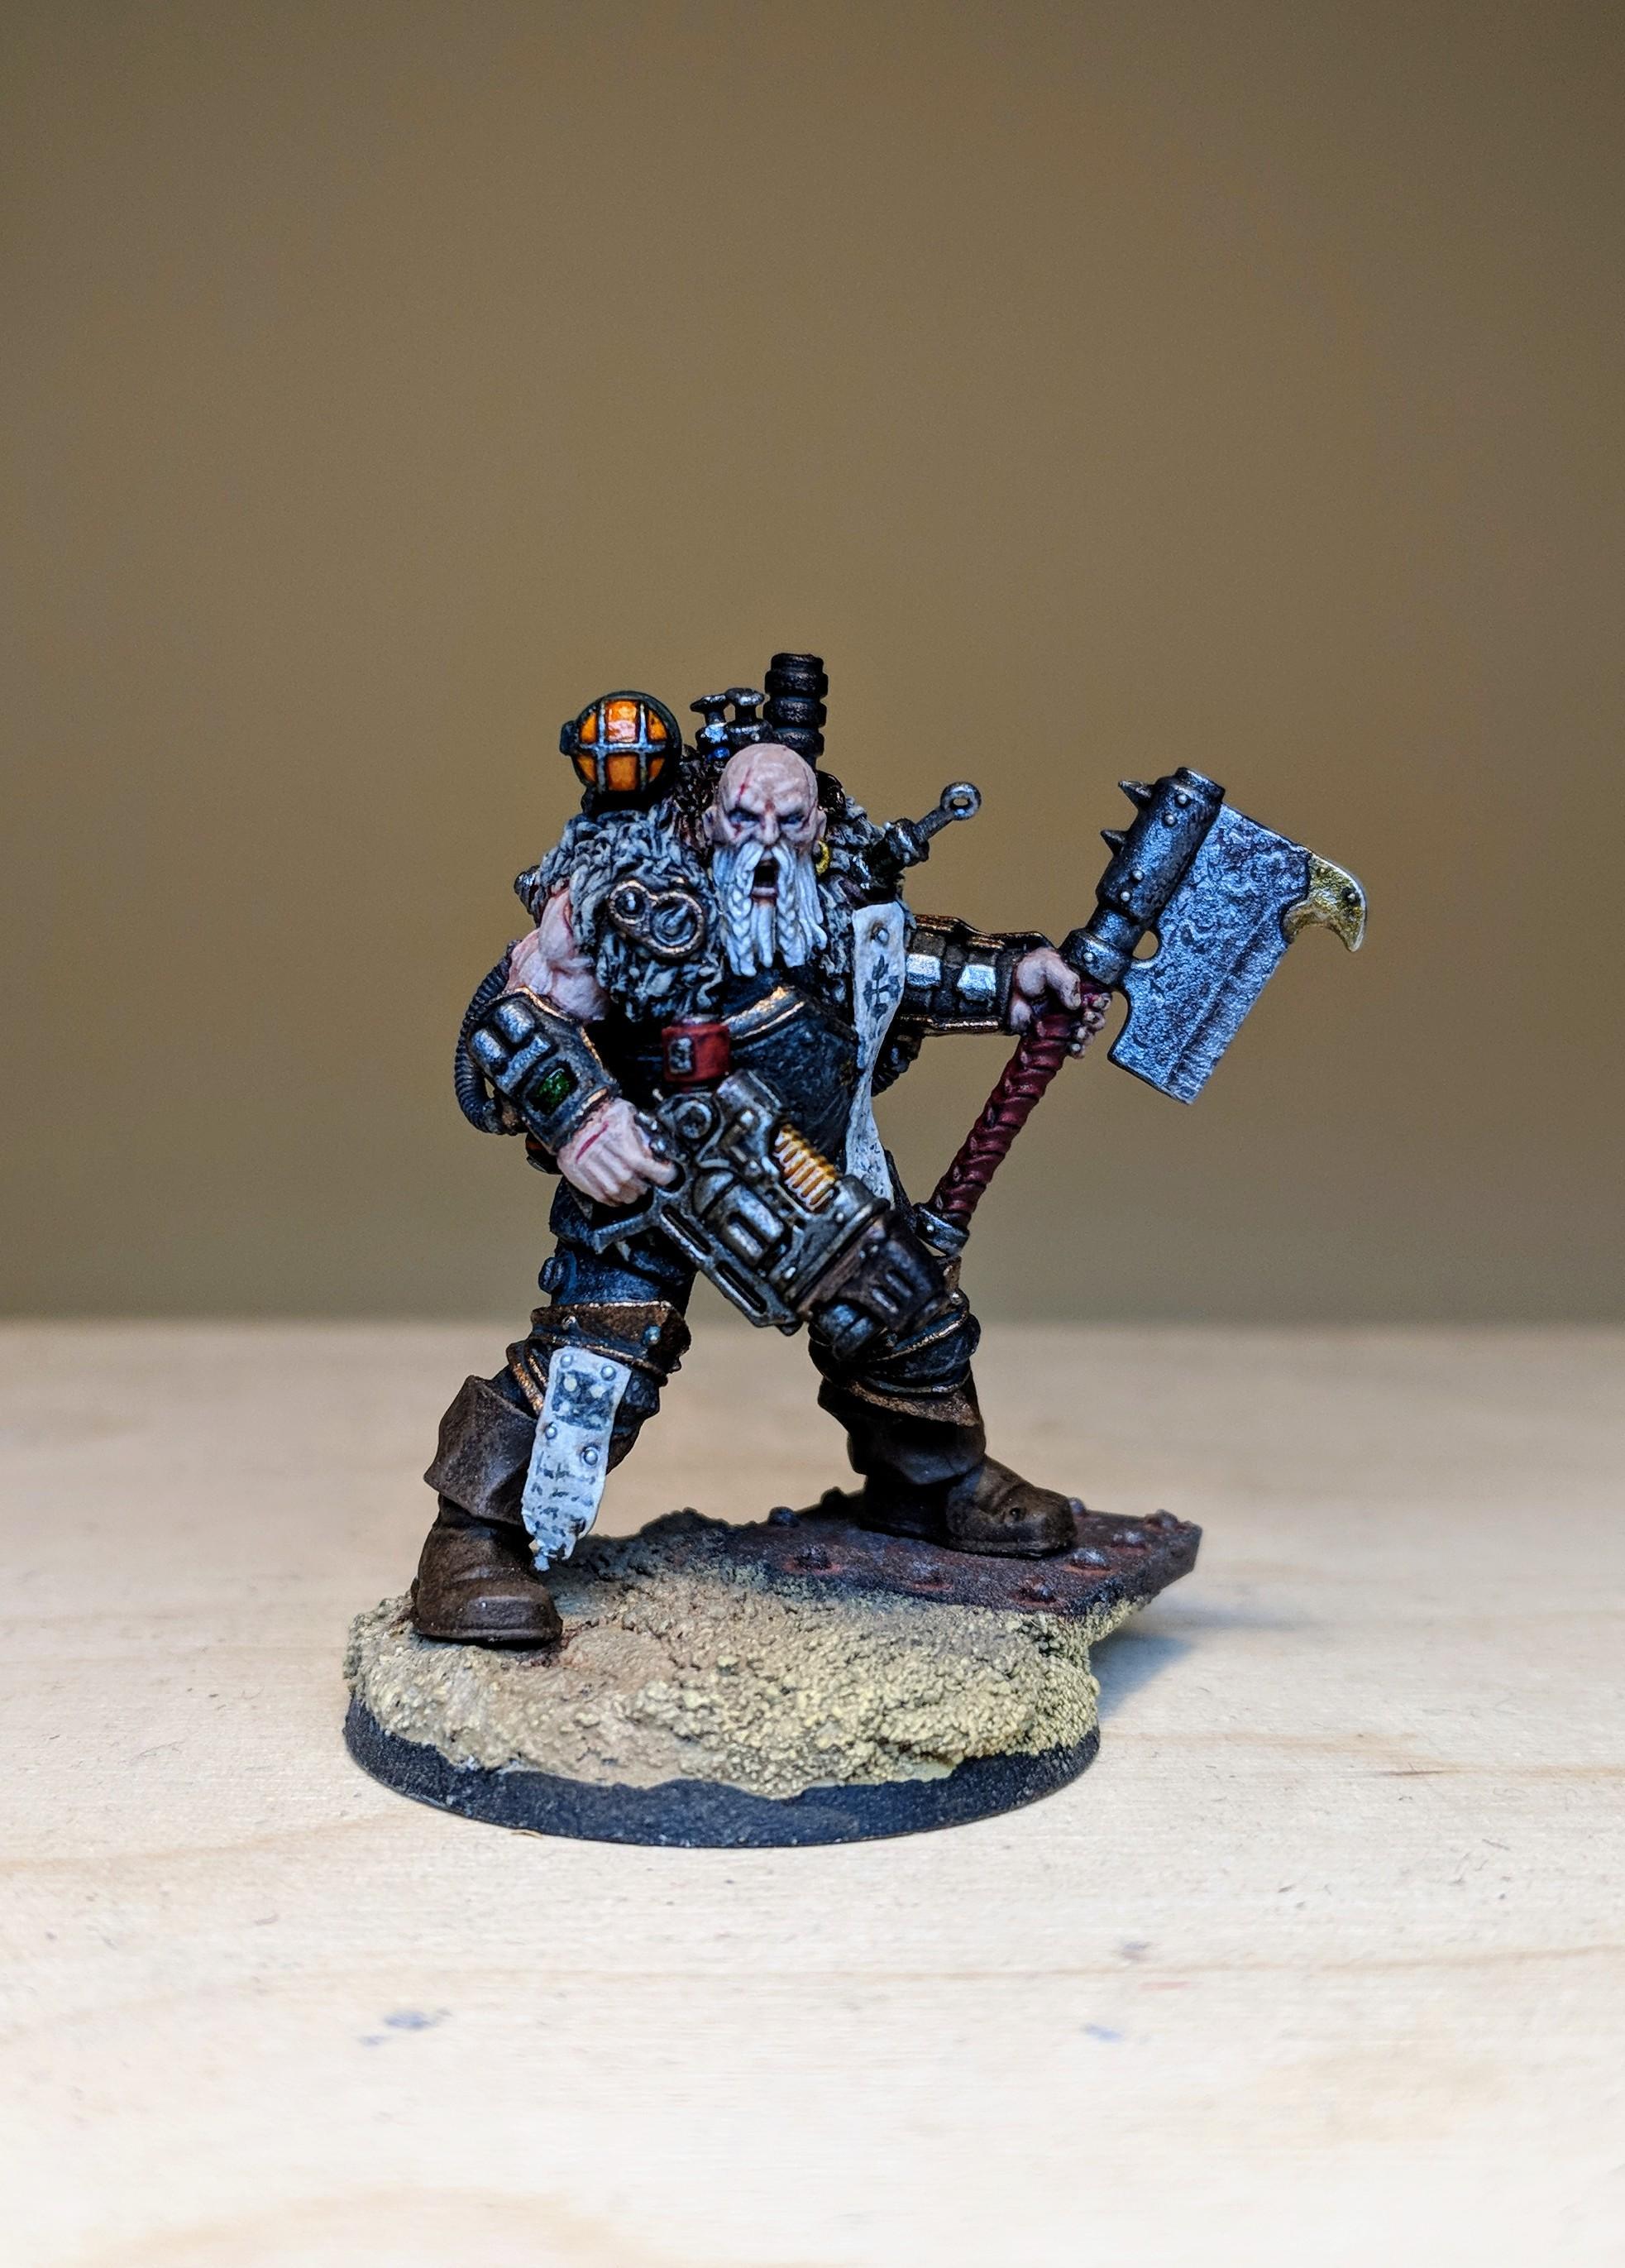 Inq28, Inquisimunda, Inquisitor, Knights, Necromunda